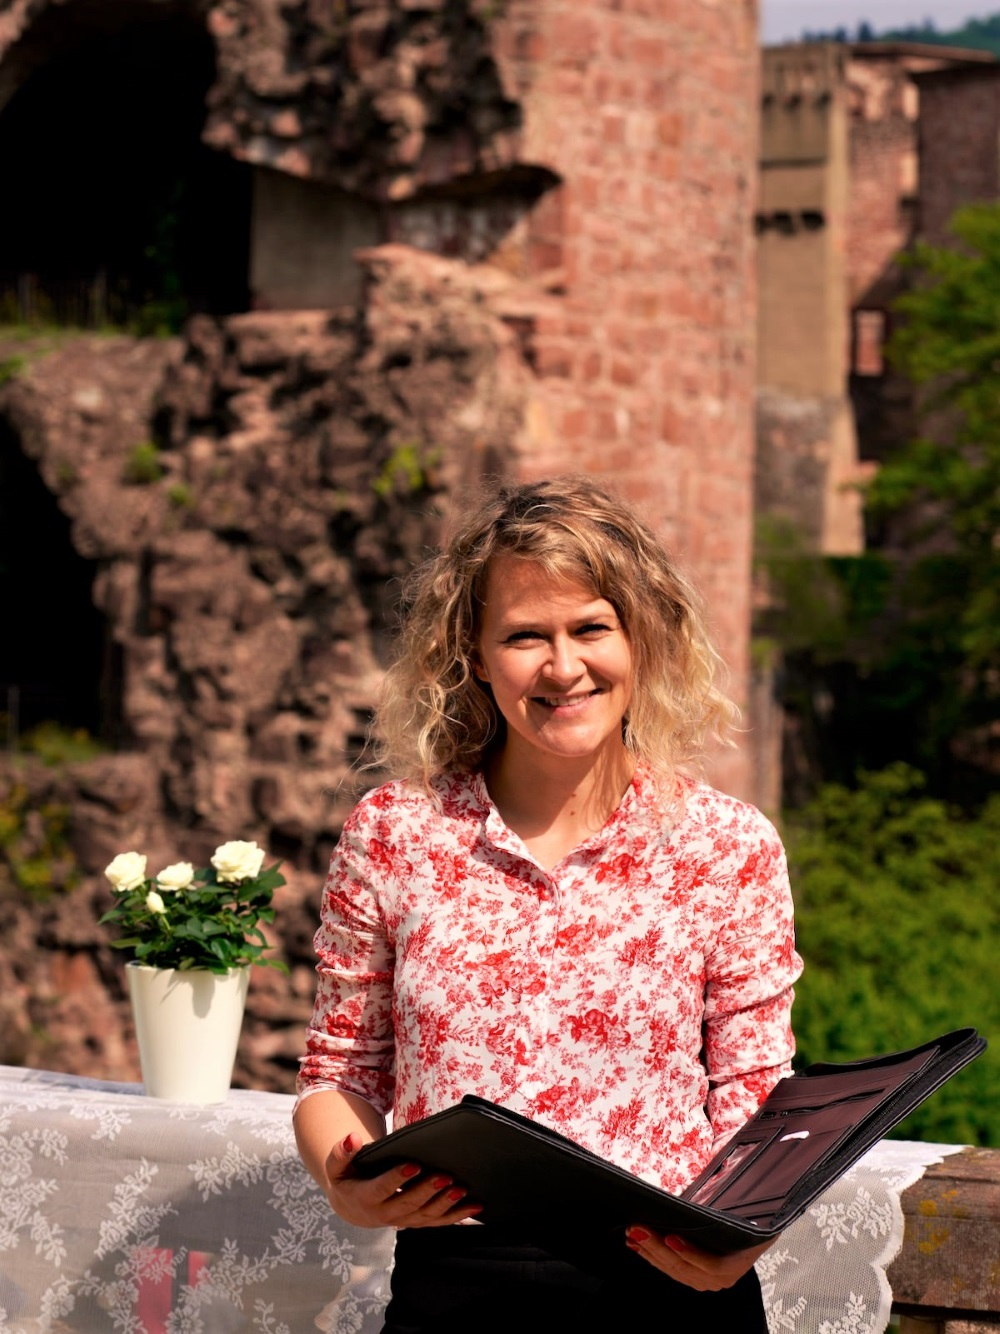 Die freie Hochzeitsrednerin Ingrid Rupp von freiheiraten: https://freiheiraten.de/.